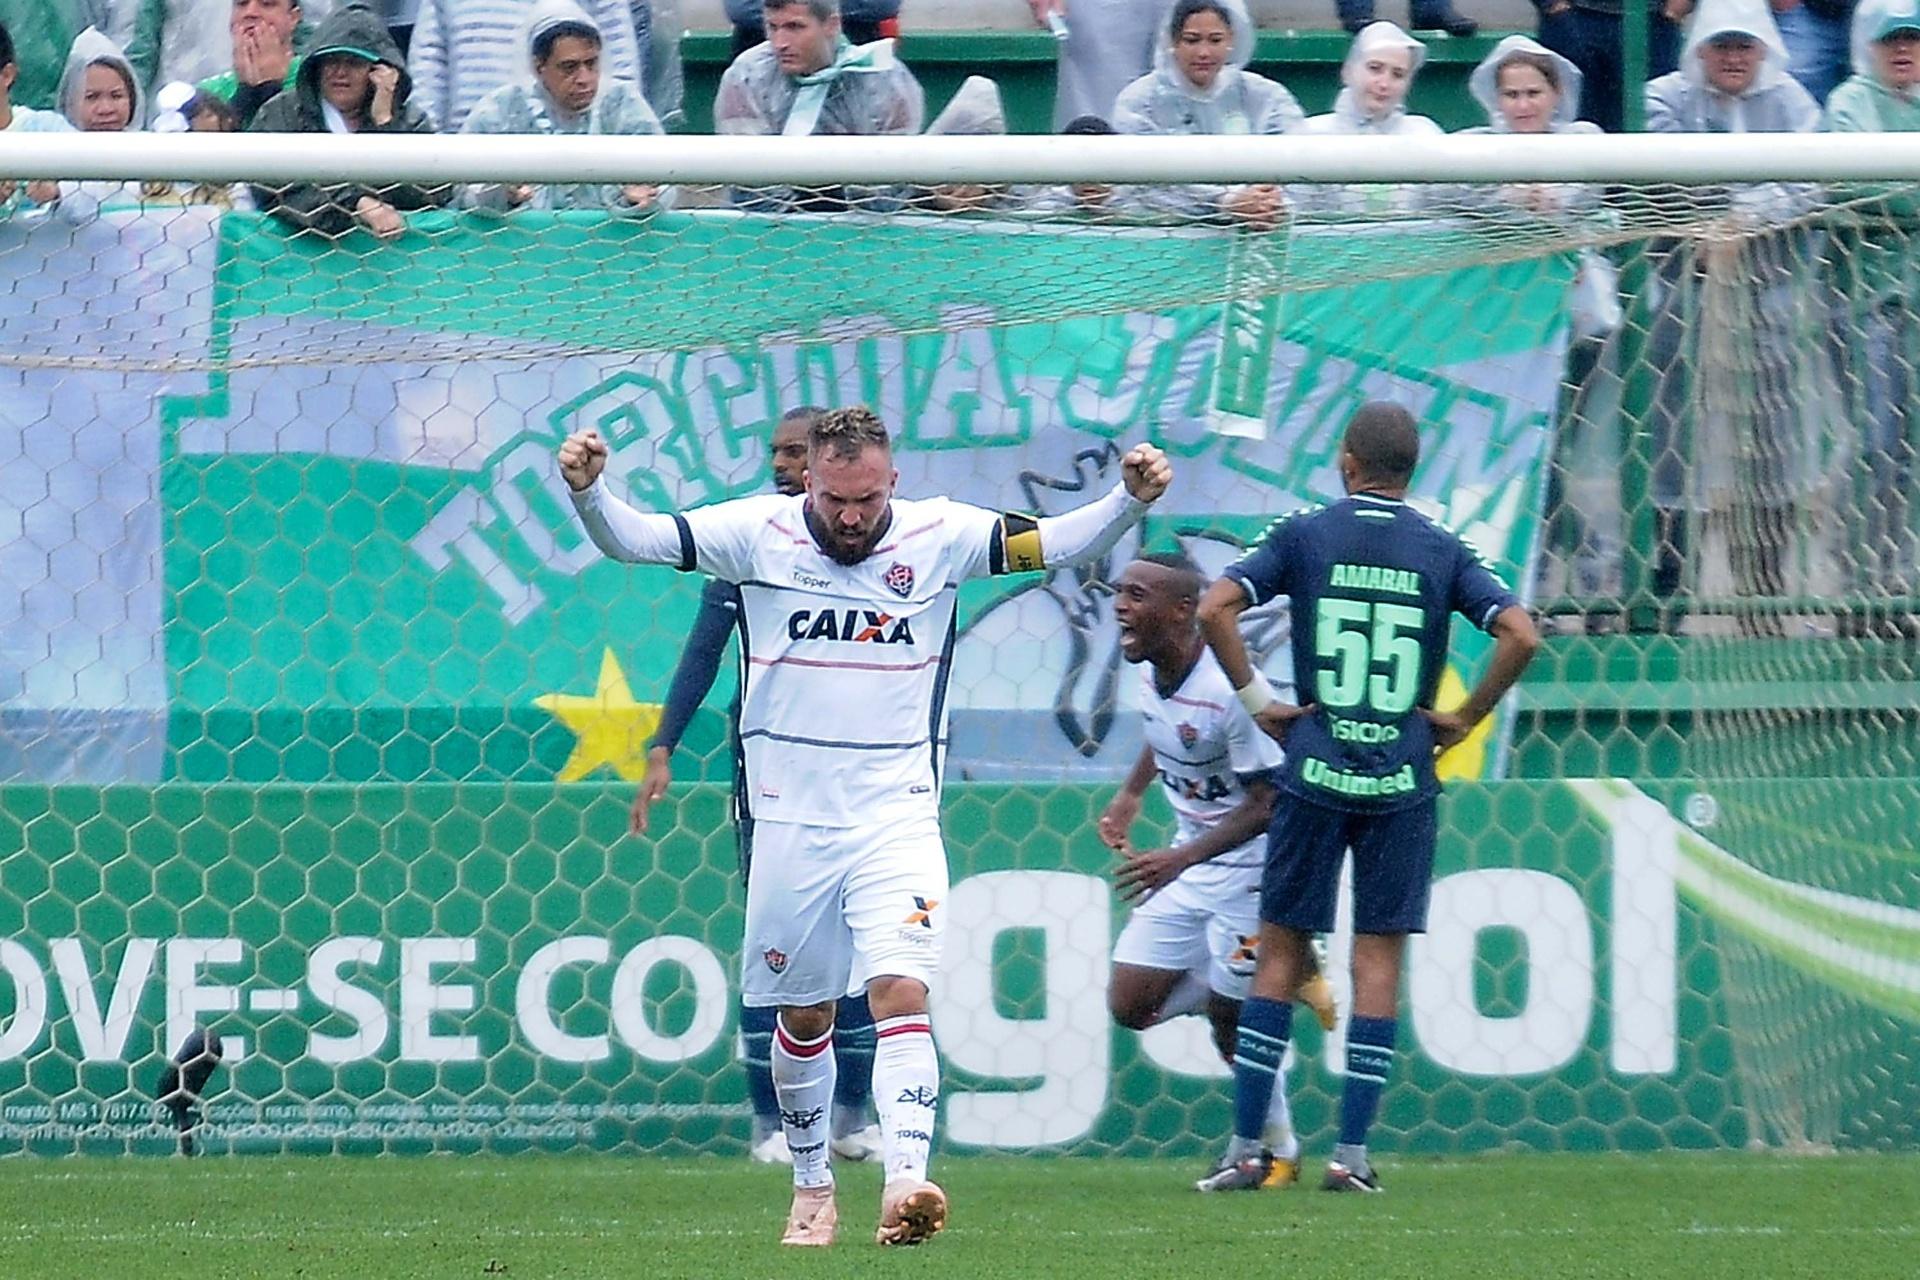 565c369be6 Vitória vence a Chape em SC e deixa temporariamente a zona do rebaixamento  - 14 10 2018 - UOL Esporte